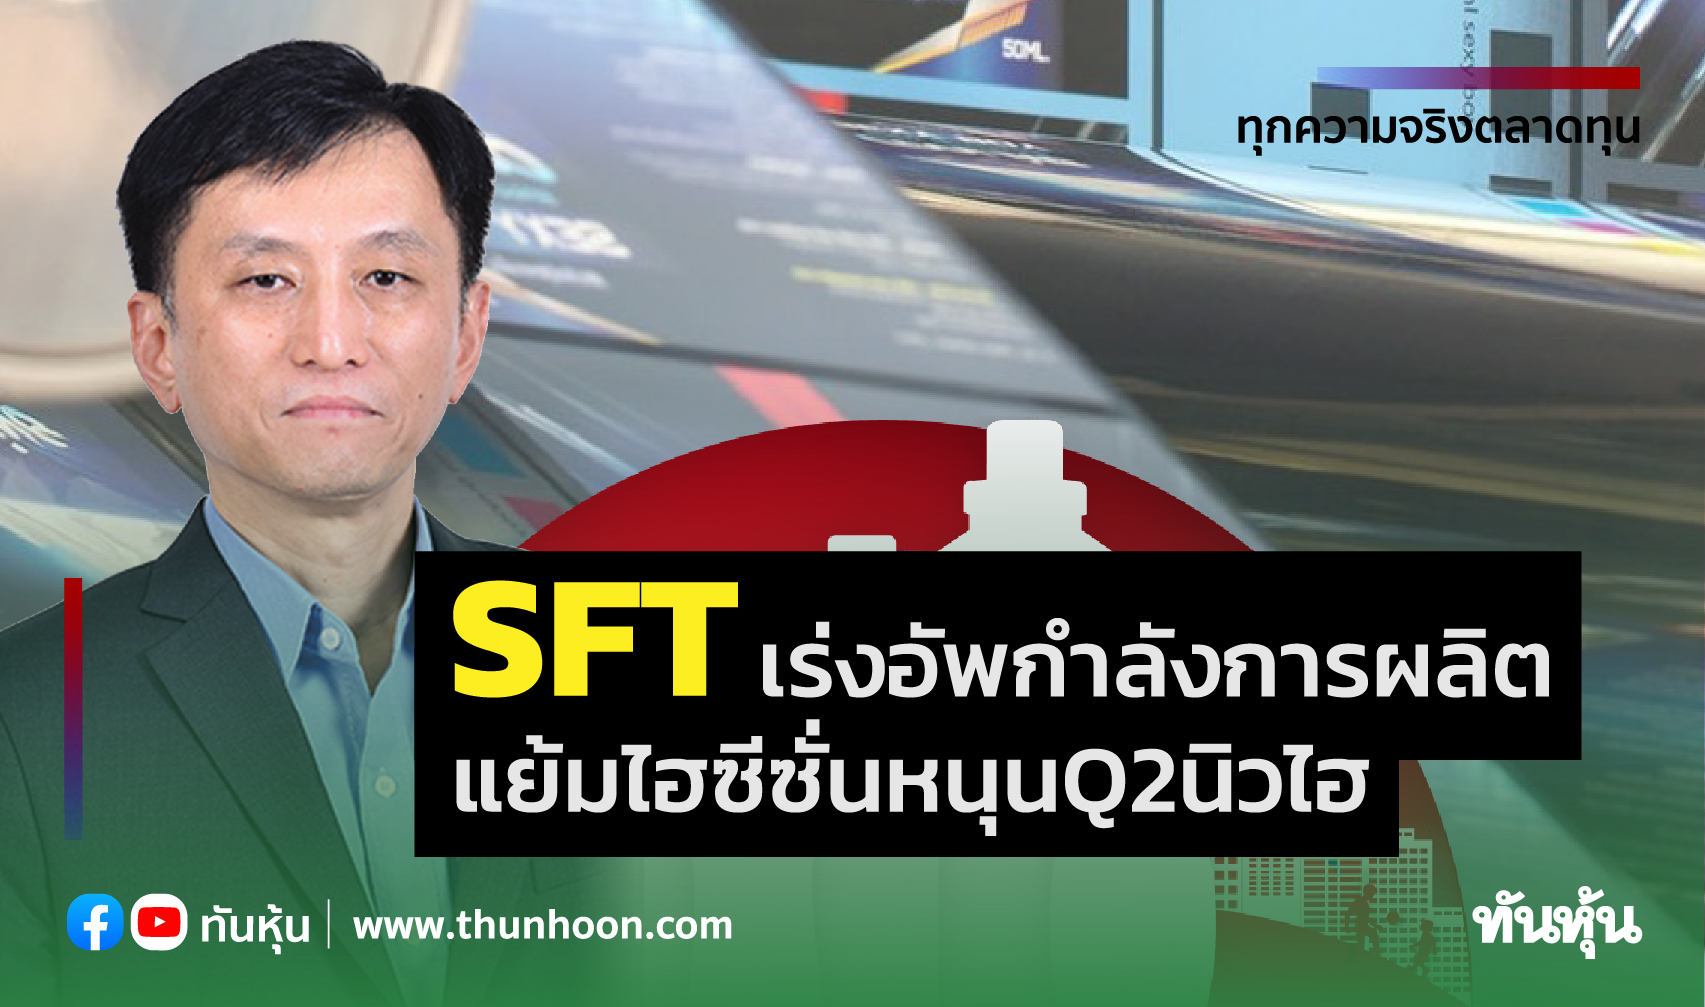 SFTเร่งอัพกำลังการผลิต แย้มไฮซีซั่นหนุนQ2นิวไฮ